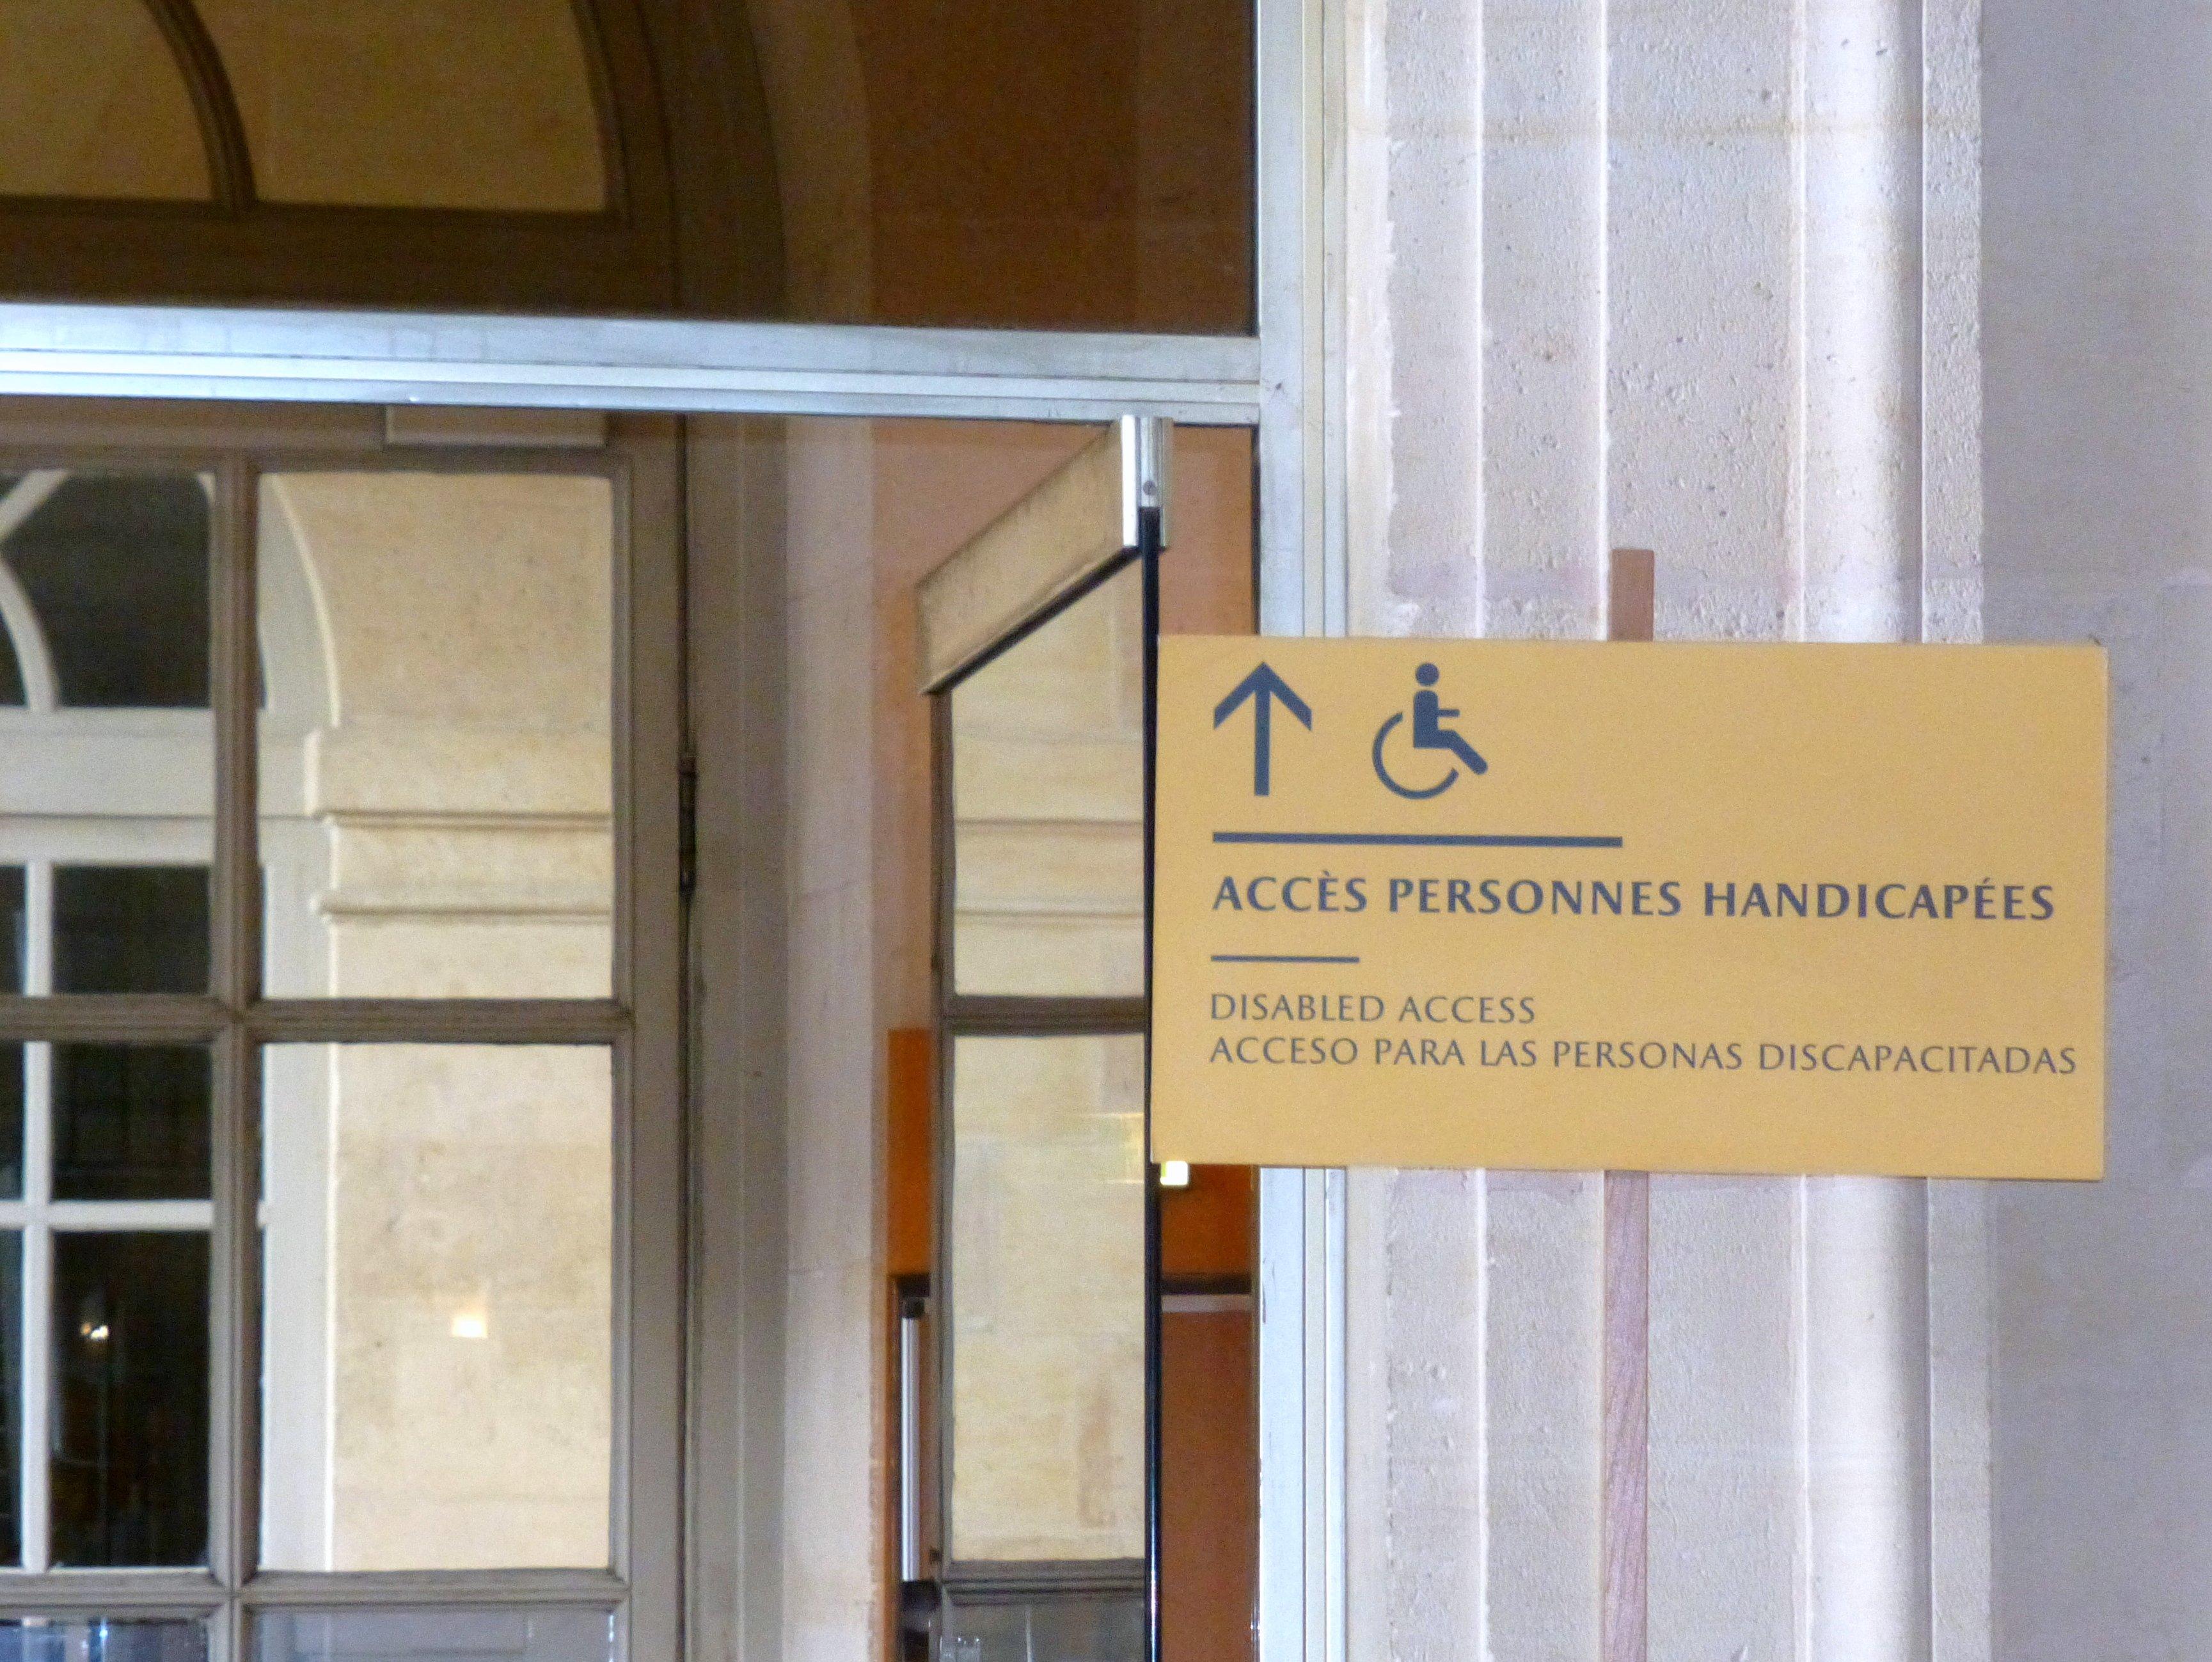 información direccional sobre la circulación y acceso de personas con discapacidad